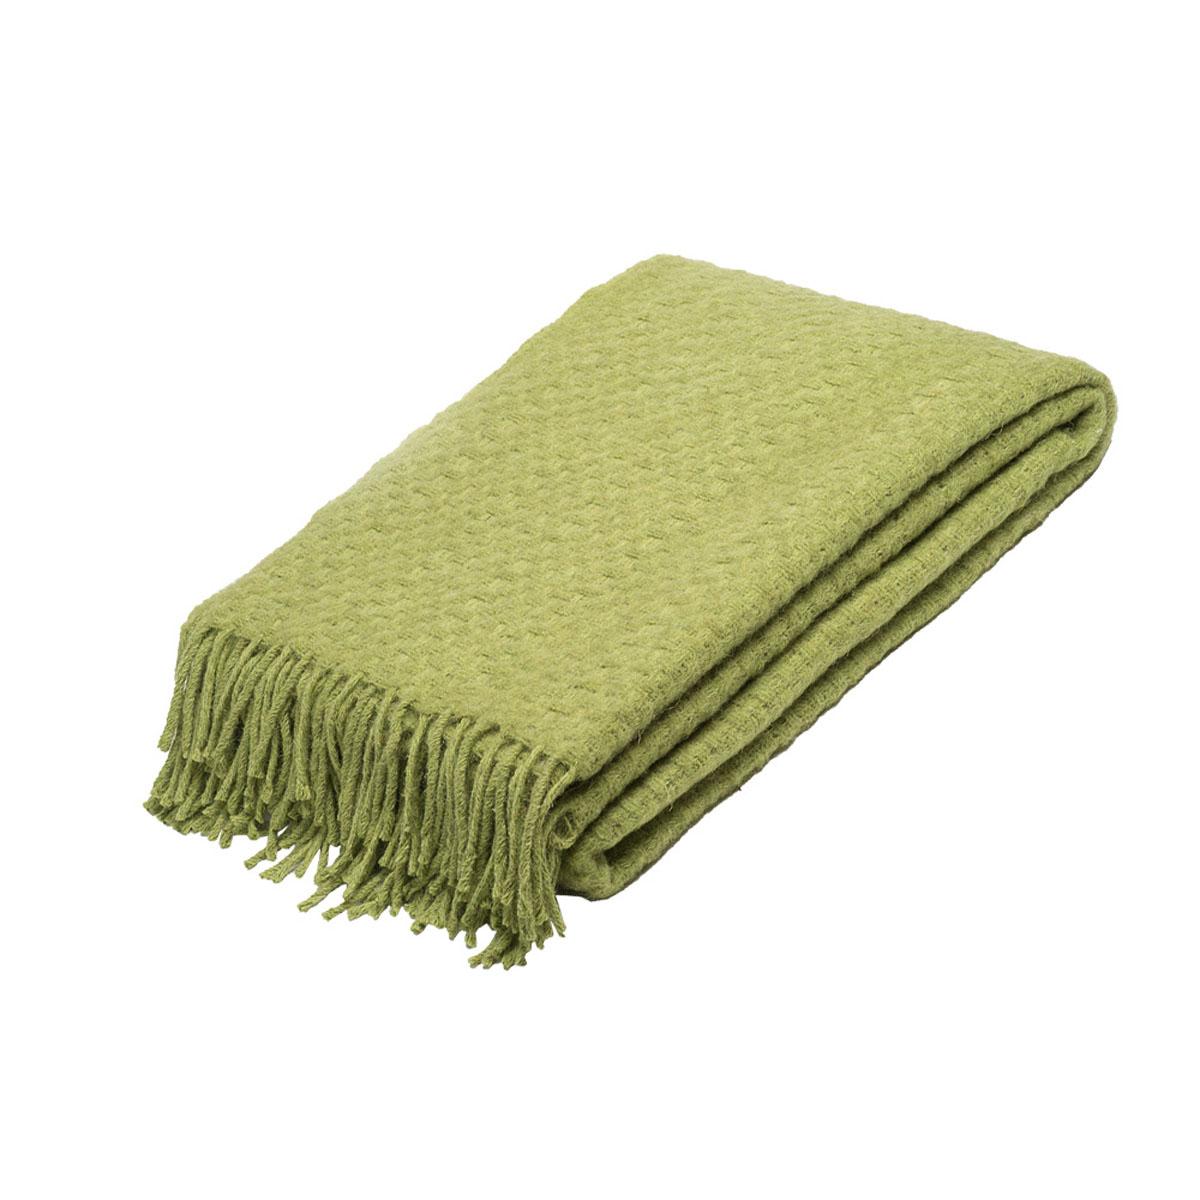 """Плед Руно """"Estivo"""" гармонично впишется в интерьер вашего дома и создаст атмосферу уюта и комфорта. Чрезвычайно мягкий и теплый плед с кистями изготовлен из натуральной овечьей шерсти. Высочайшее качество материала гарантирует безопасность не только взрослых, но и самых маленьких членов семьи.Плед - это такой подарок, который будет всегда актуален, особенно для ваших родных и близких, ведь вы дарите им частичку своего тепла! Размер: 140 х 200 см."""